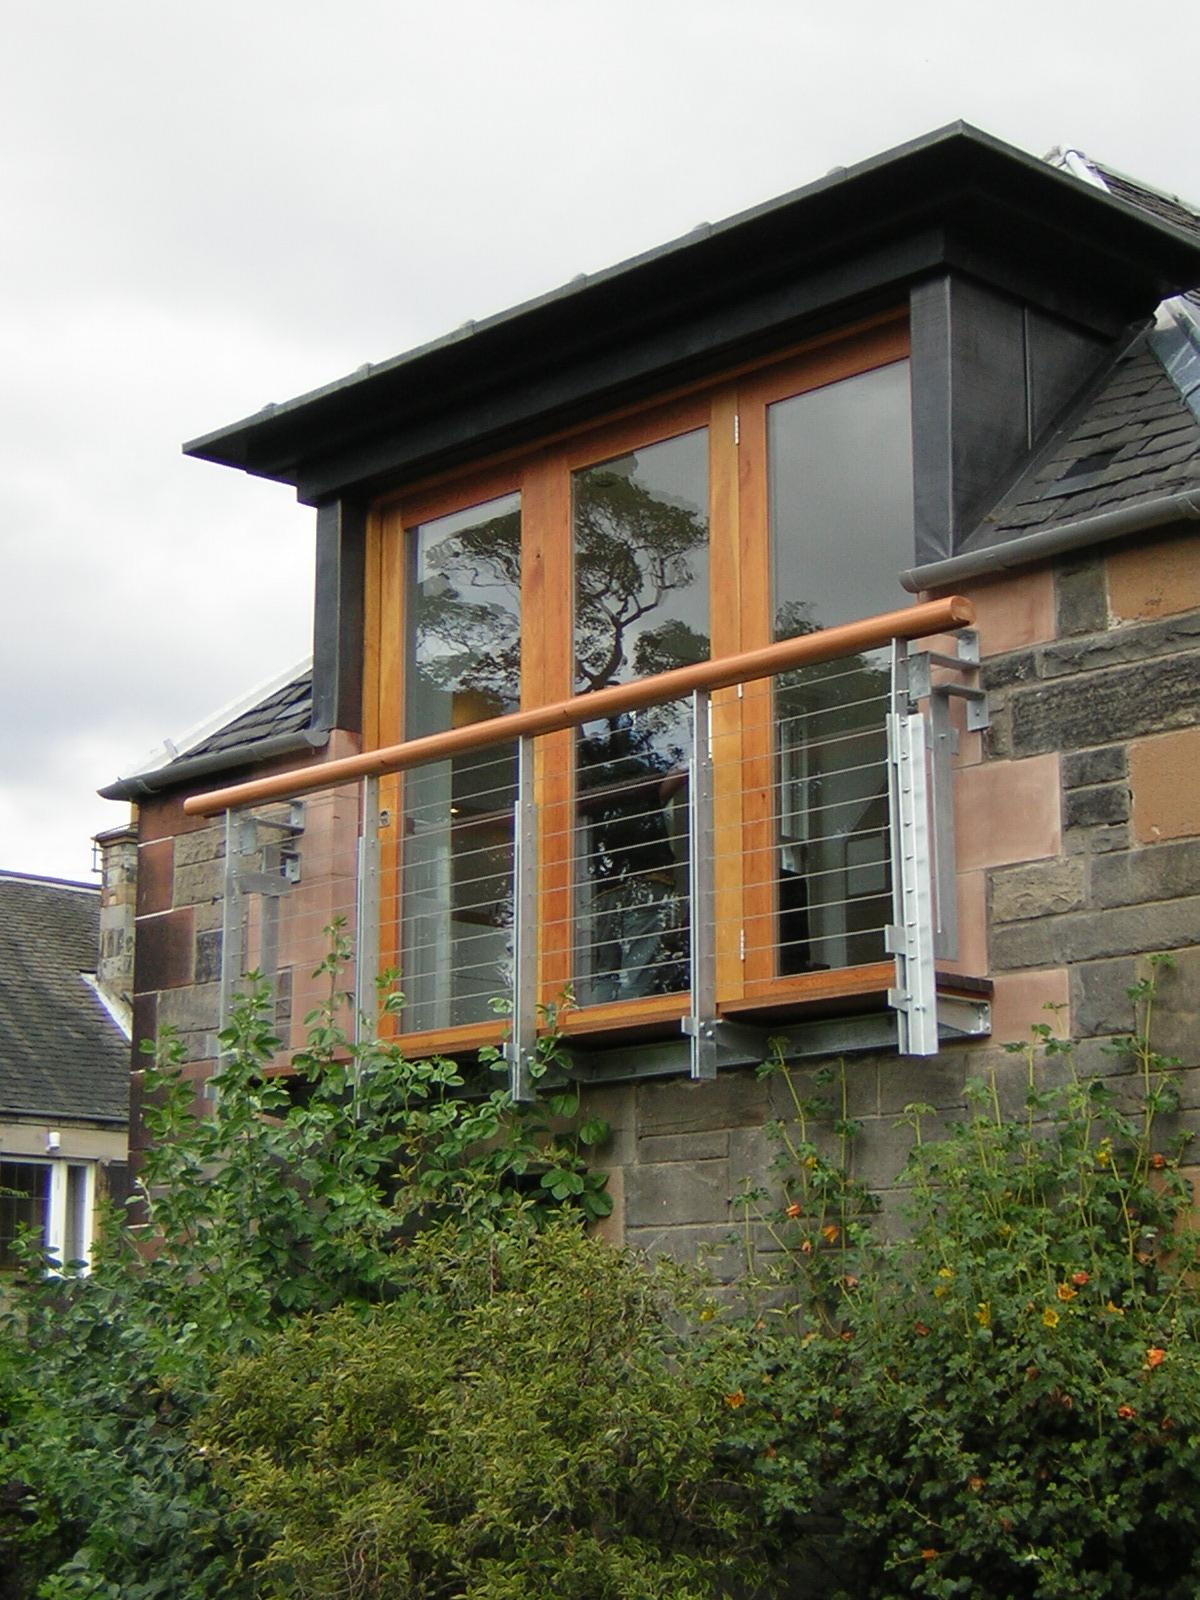 inverleith house 2.JPG